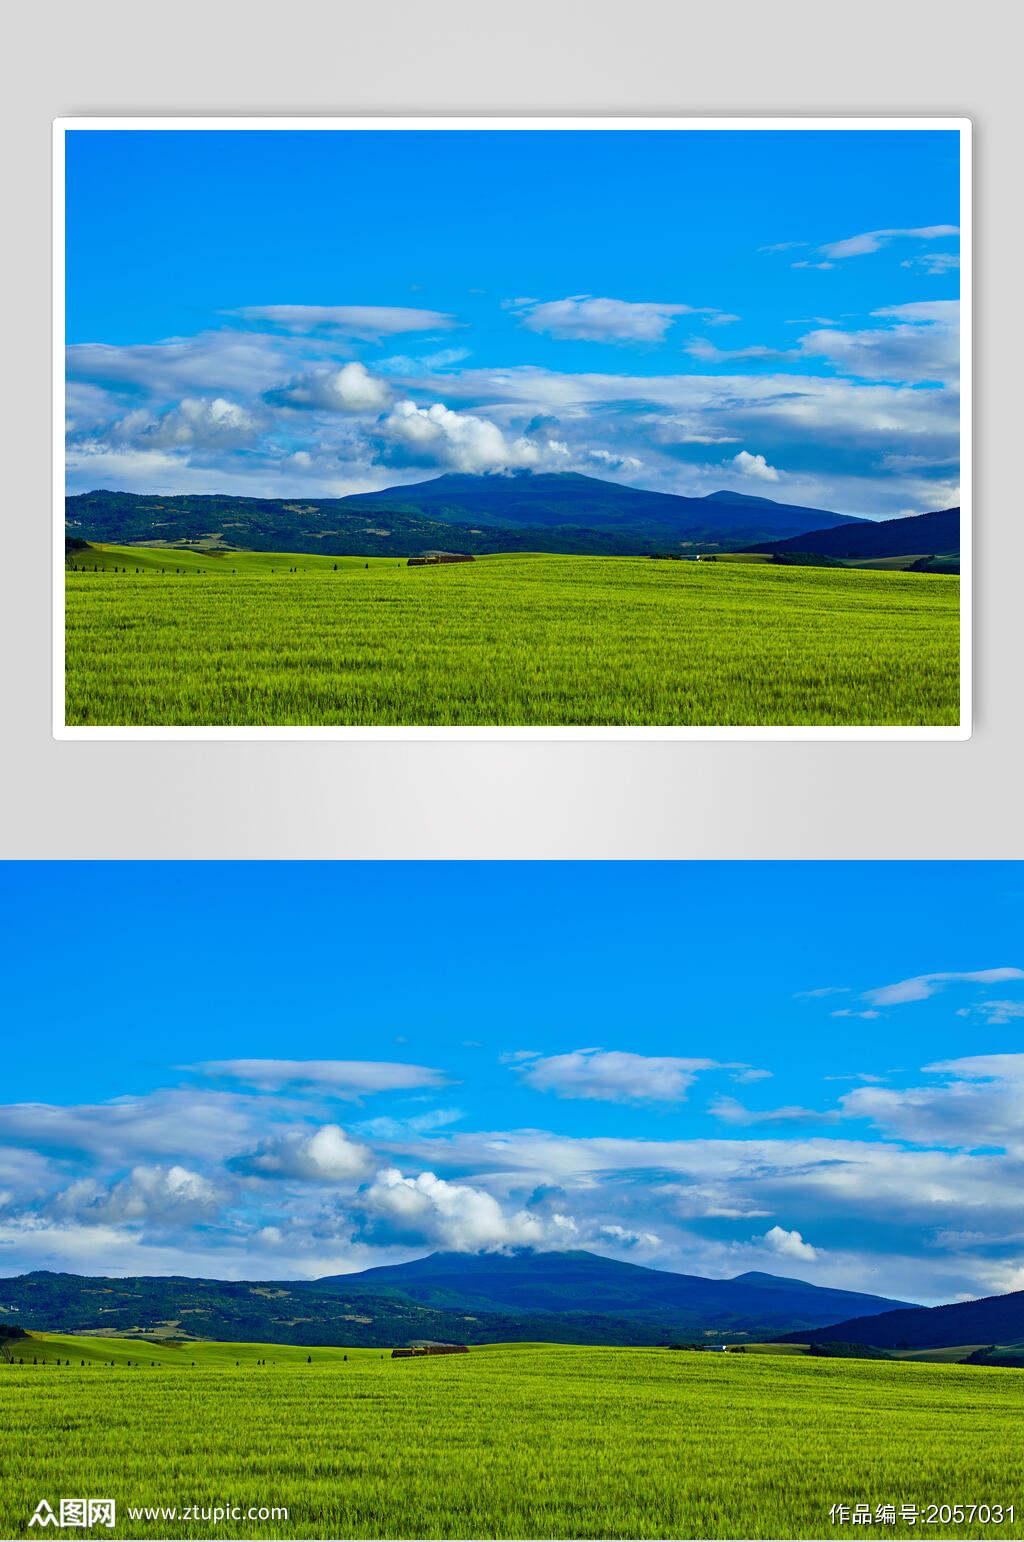 草地天空风景图片蓝天草原白云摄影图素材